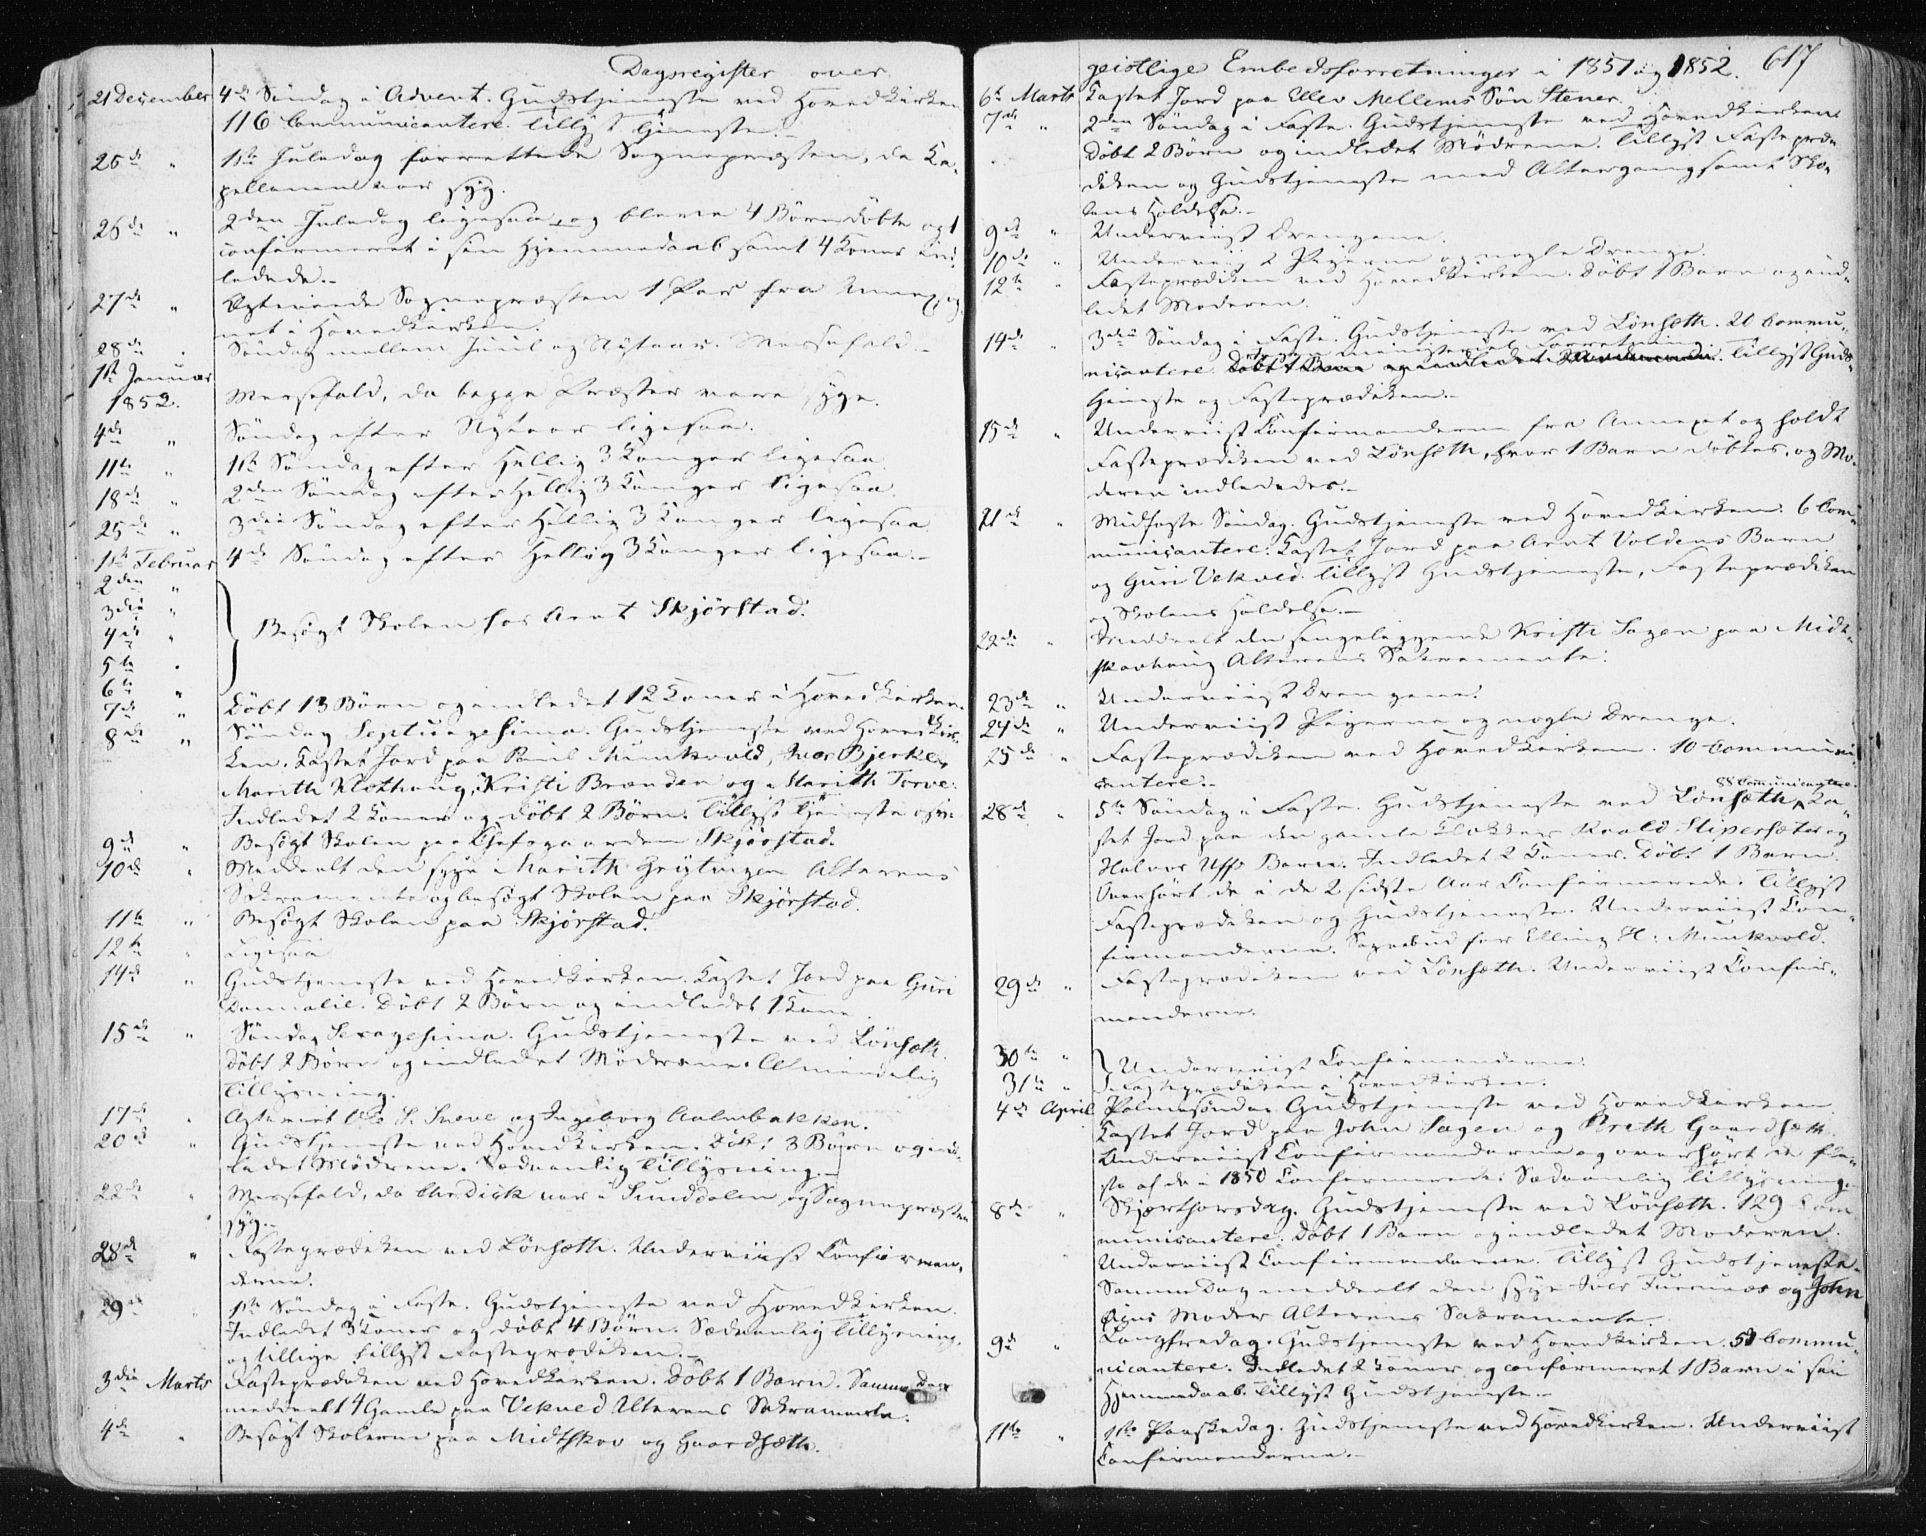 SAT, Ministerialprotokoller, klokkerbøker og fødselsregistre - Sør-Trøndelag, 678/L0899: Ministerialbok nr. 678A08, 1848-1872, s. 617